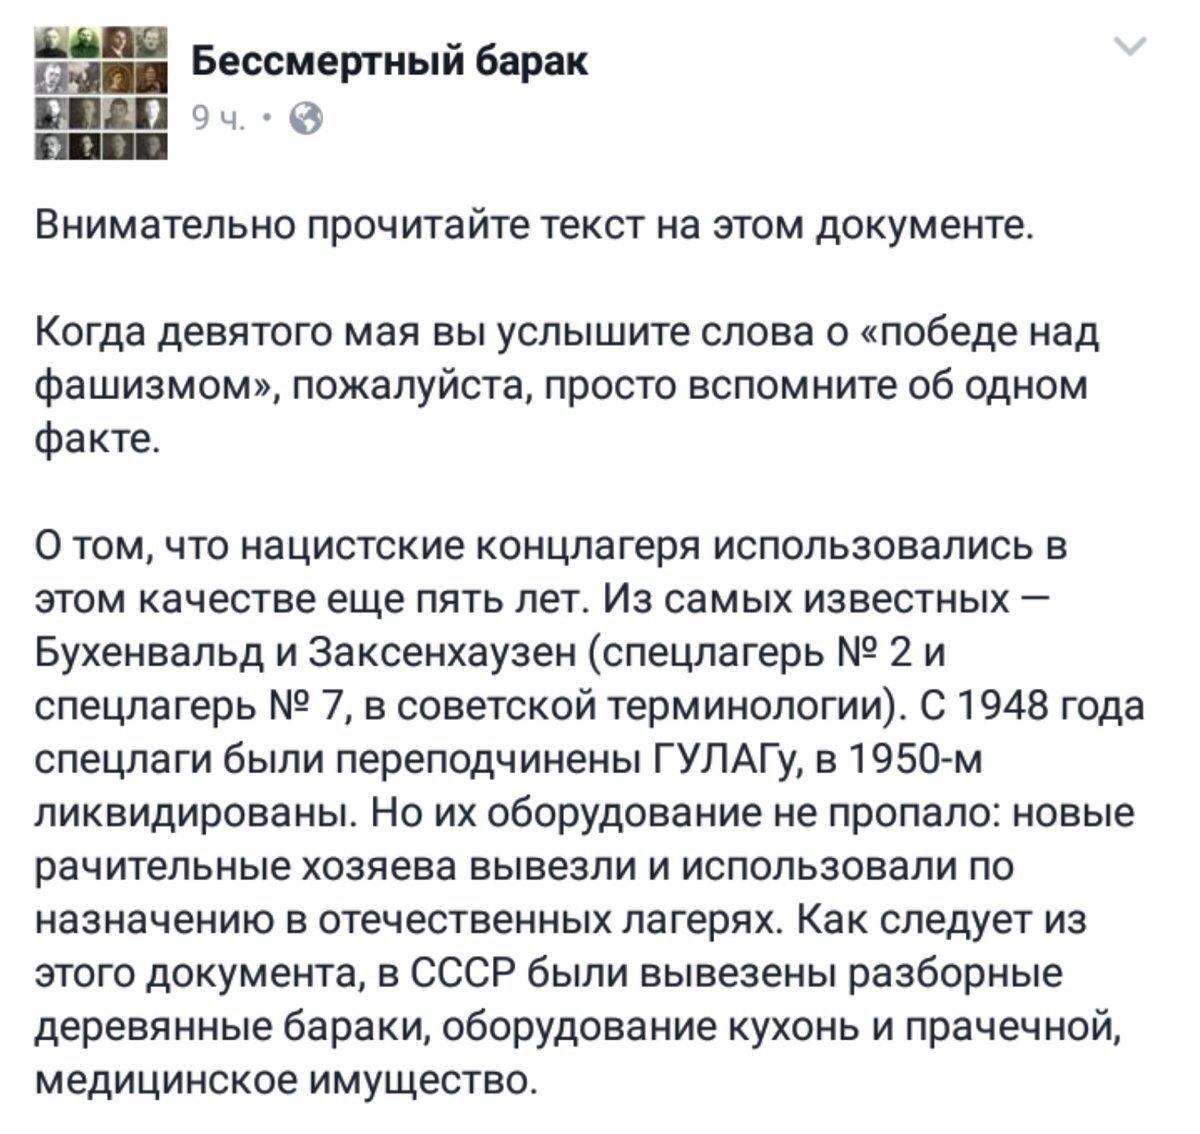 В Раде есть законопроект, предусматривающий штраф 4 тысячи за георгиевскую ленту, - Геращенко - Цензор.НЕТ 5505